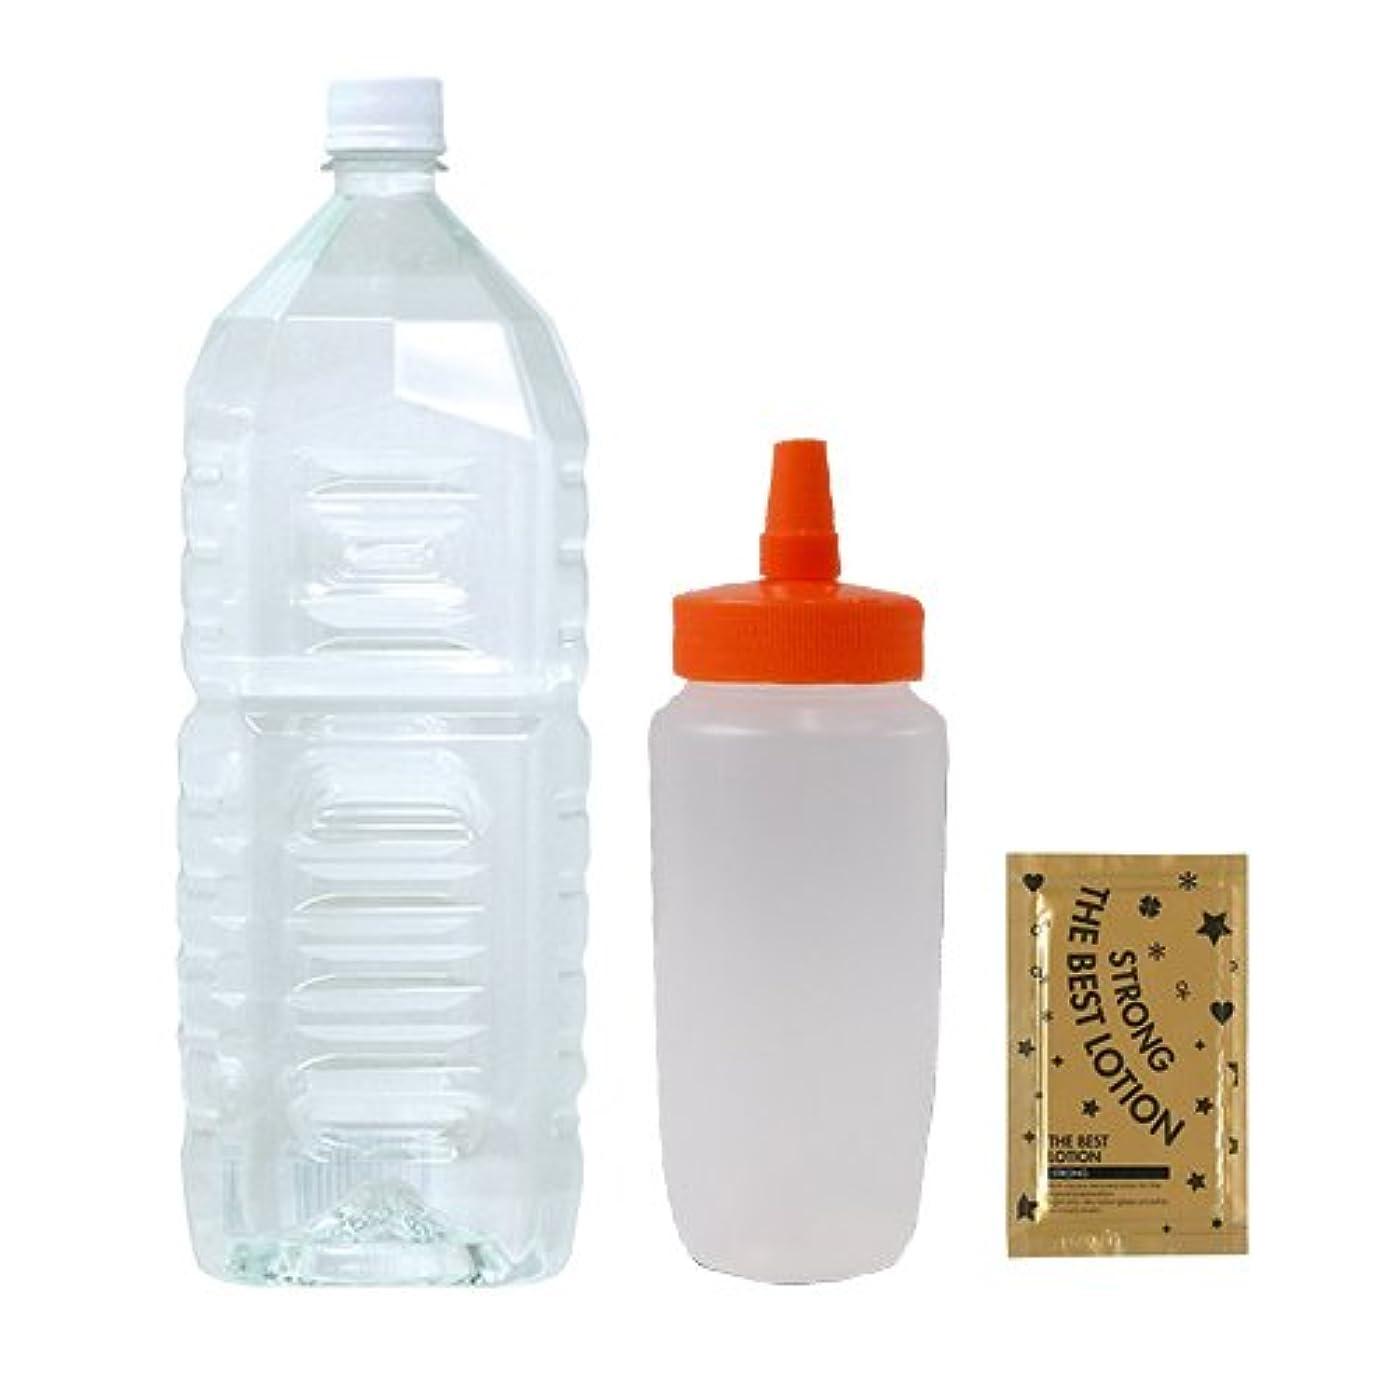 知性主チータークリアローション 2Lペットボトル ハードタイプ(5倍濃縮原液)+ はちみつ容器740ml(オレンジキャップ)+ ベストローションストロング 1包付き セット